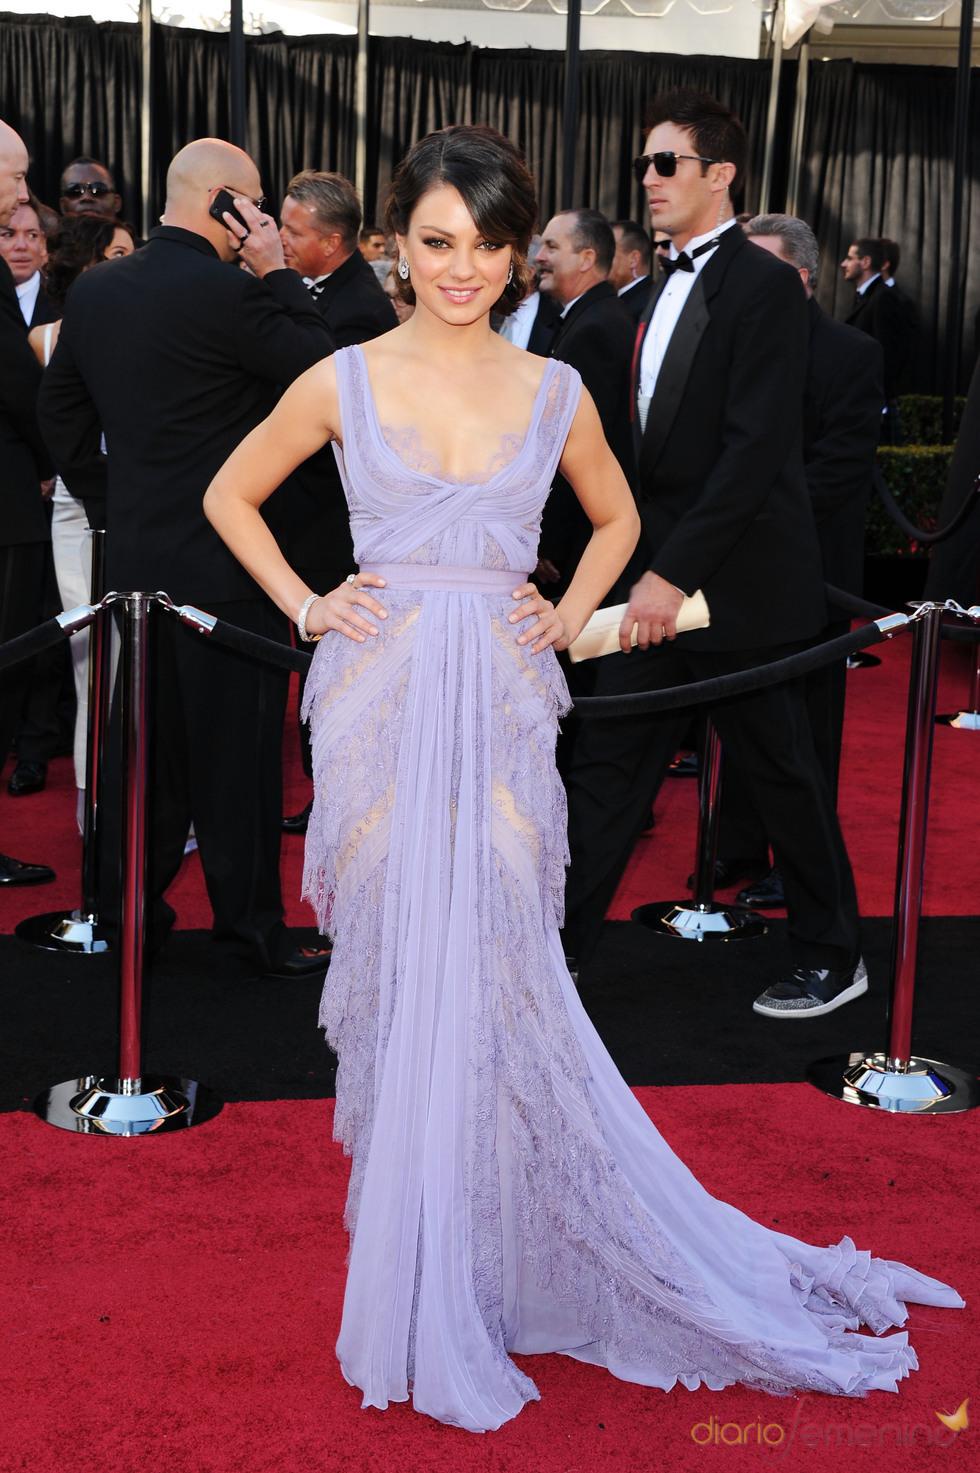 Mila Kunis en la alfombra roja de los Oscars 2011